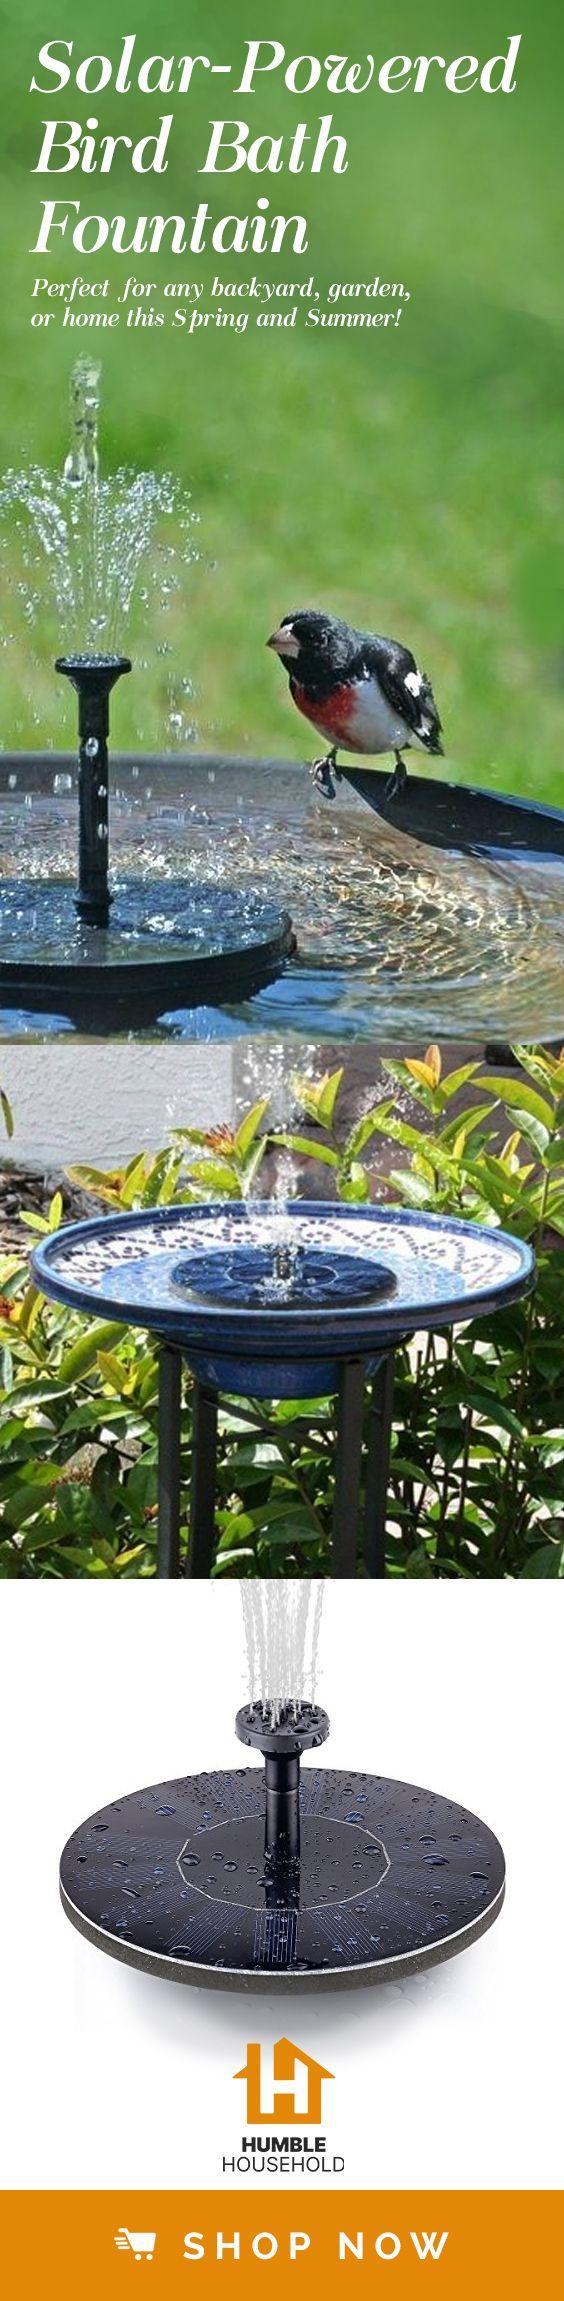 SmartGarden – Solar Powered Bird Bath Fountain